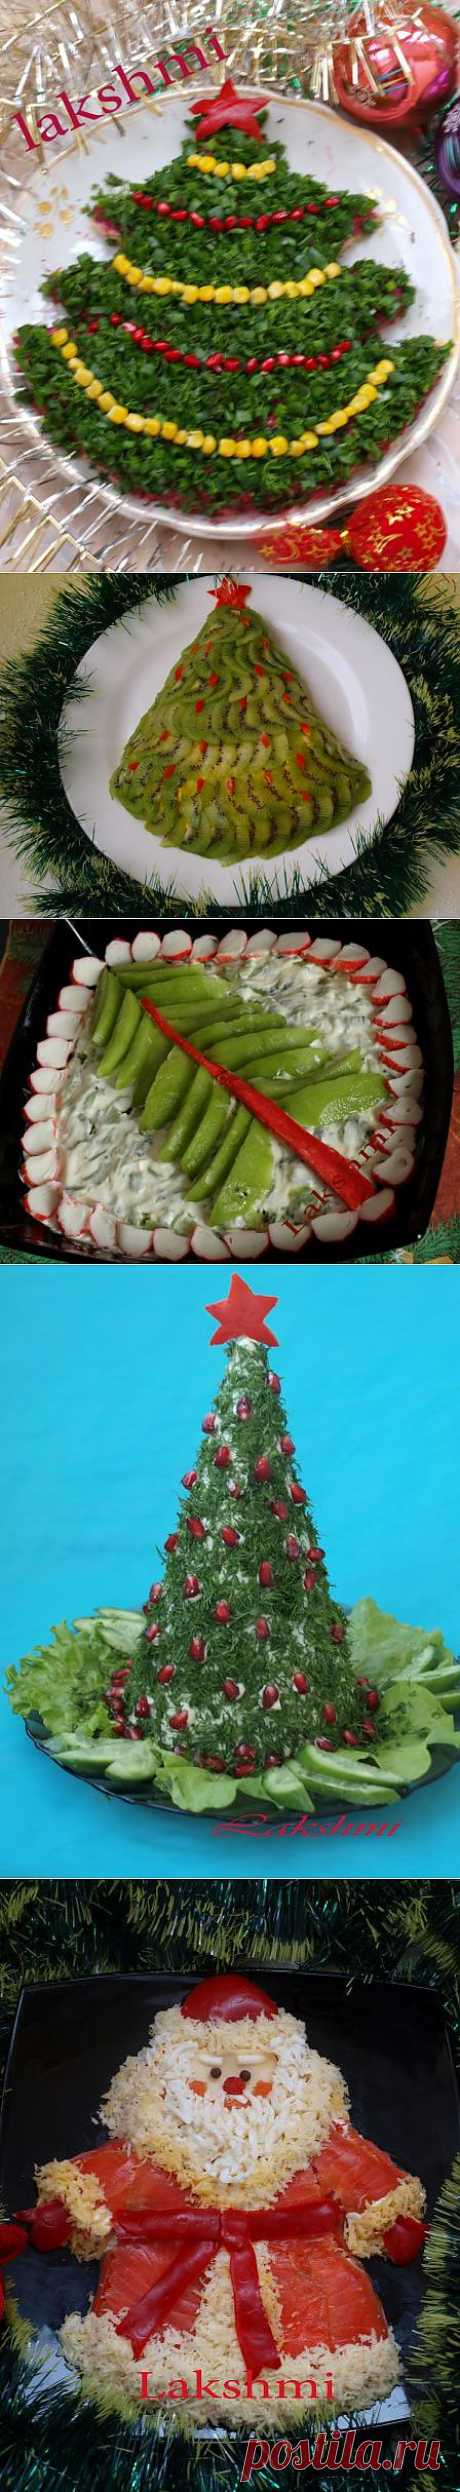 Оформление новогодних салатов.